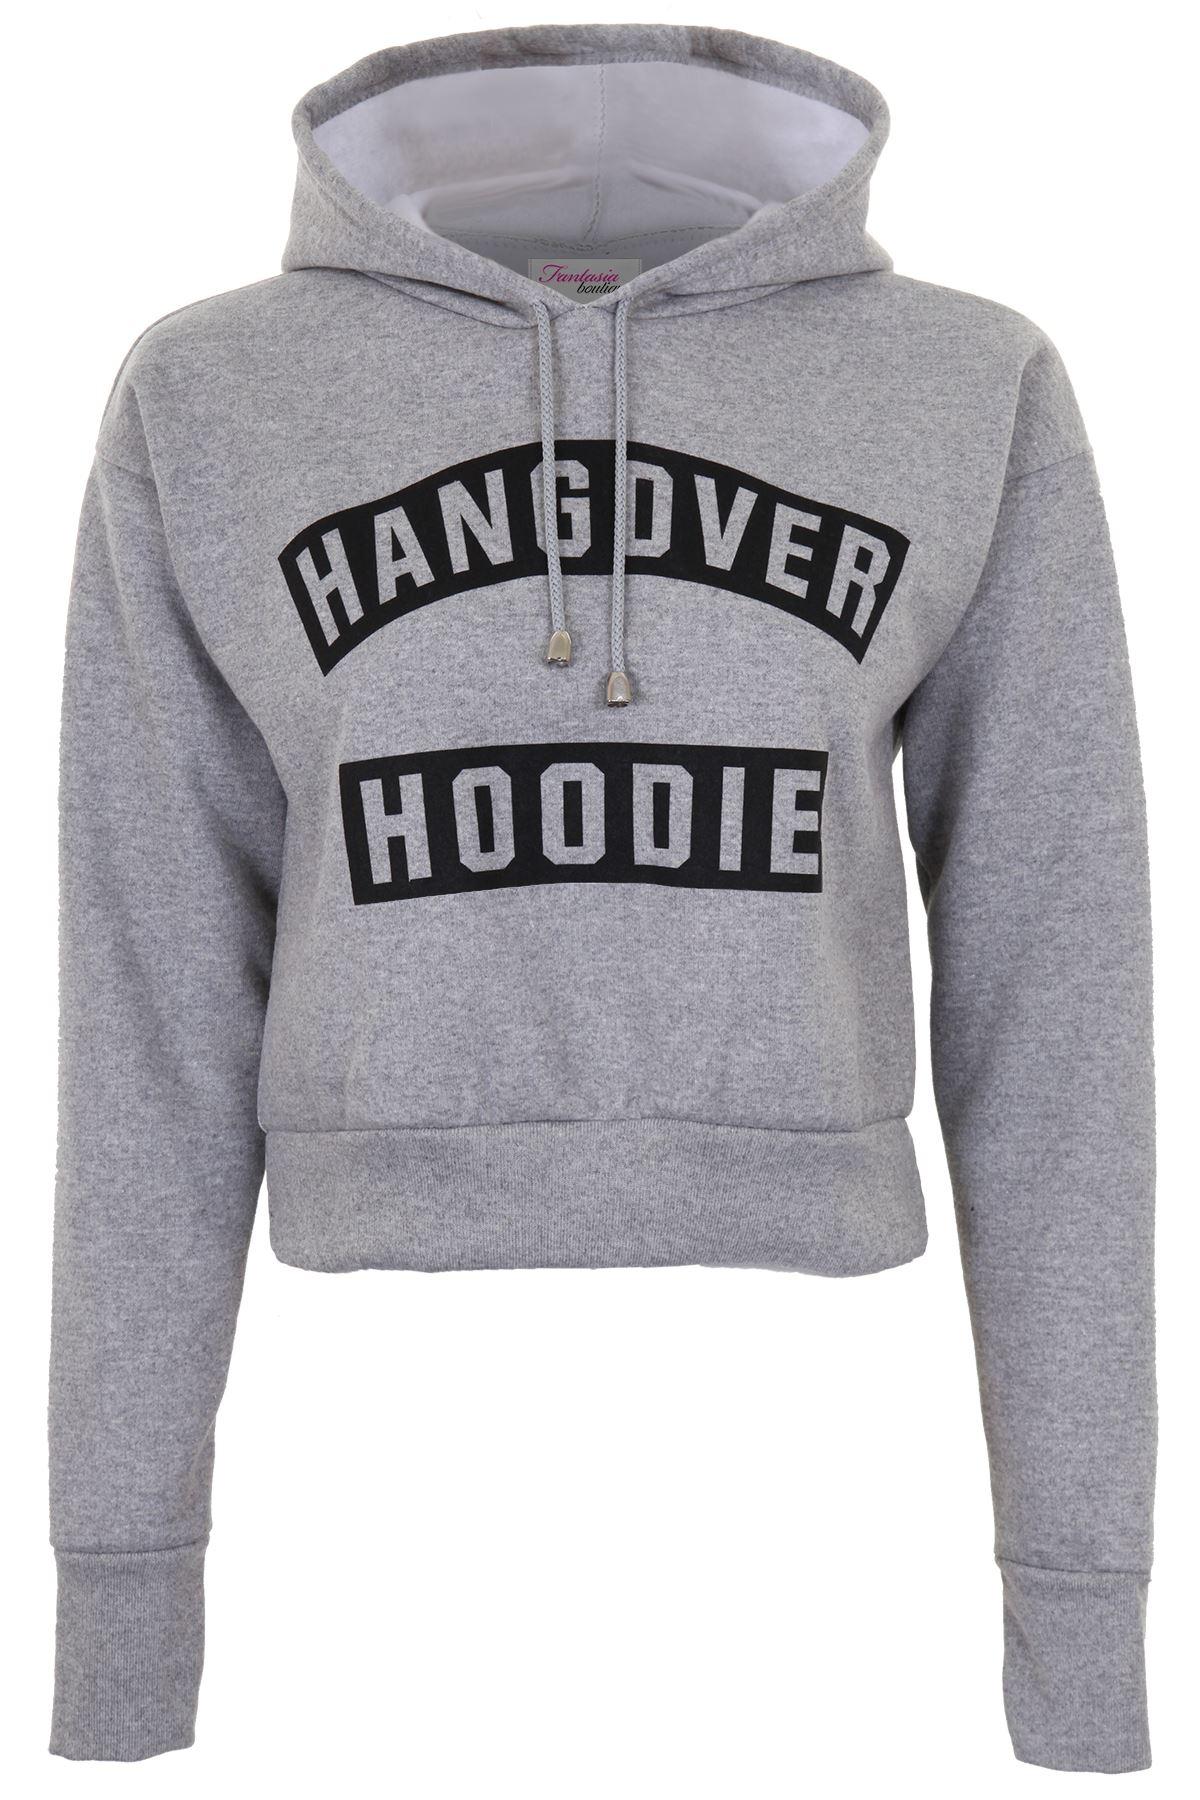 ladies hooded hangover hoodie pull over women 39 s hoody crop. Black Bedroom Furniture Sets. Home Design Ideas